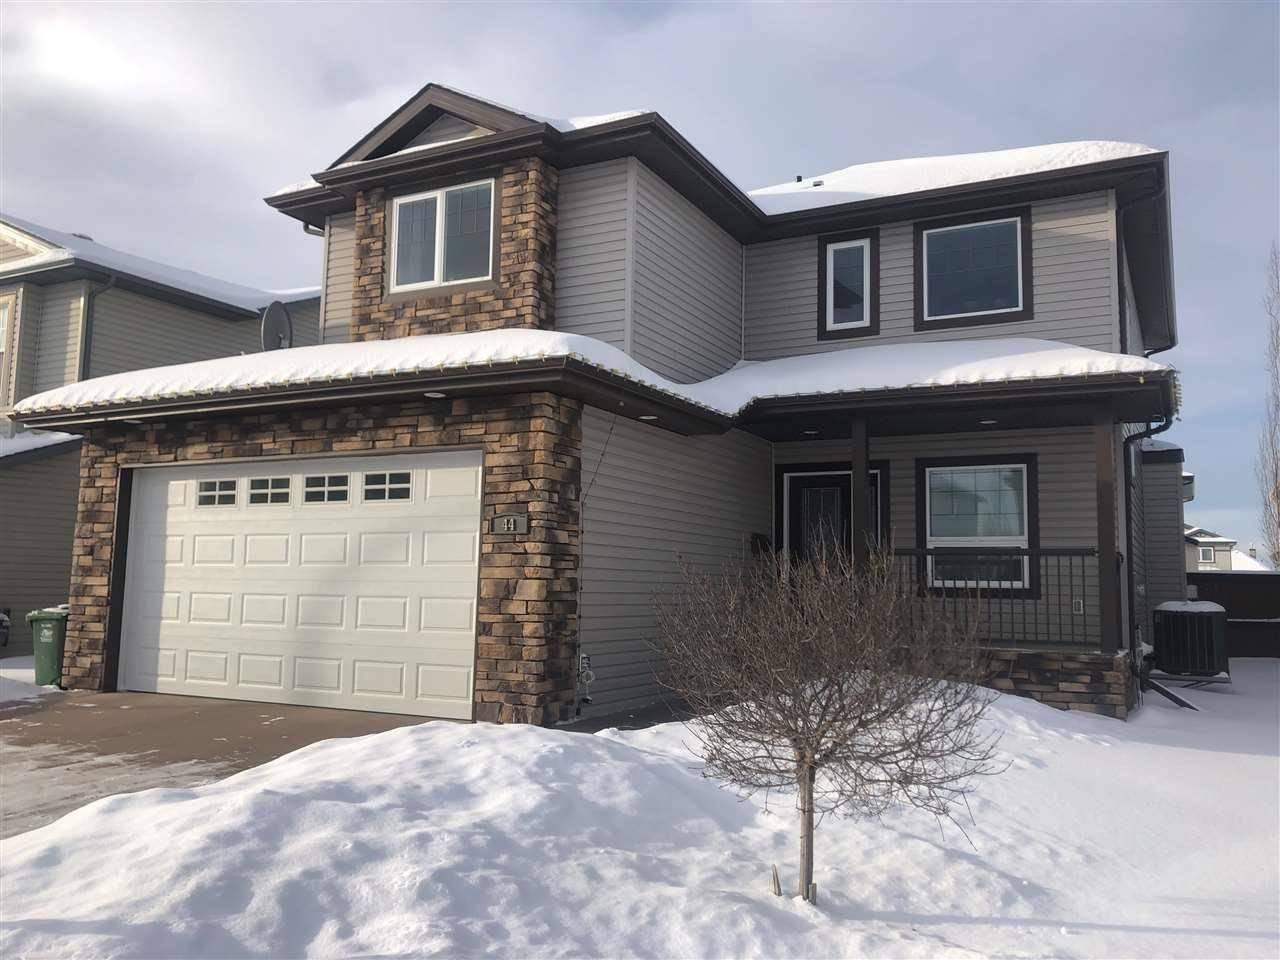 House for sale at 44 Northstar Cs St. Albert Alberta - MLS: E4185598